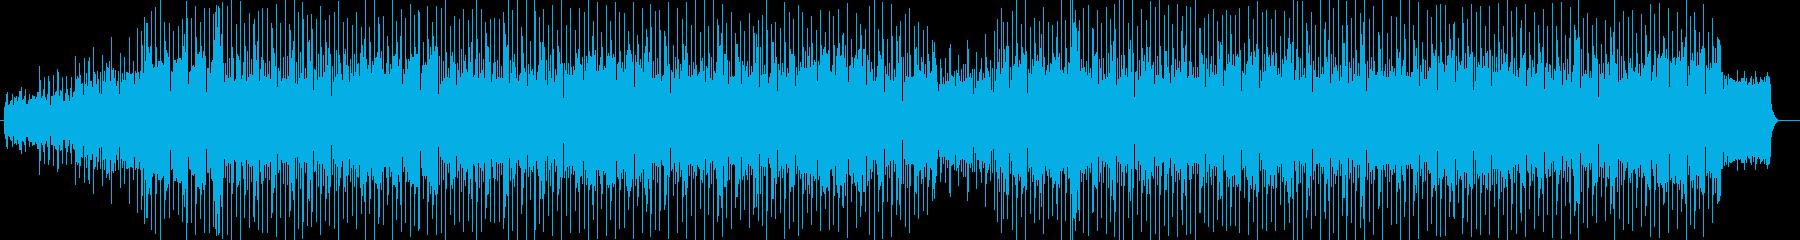 90年代SF作品のオープニング風の楽曲の再生済みの波形